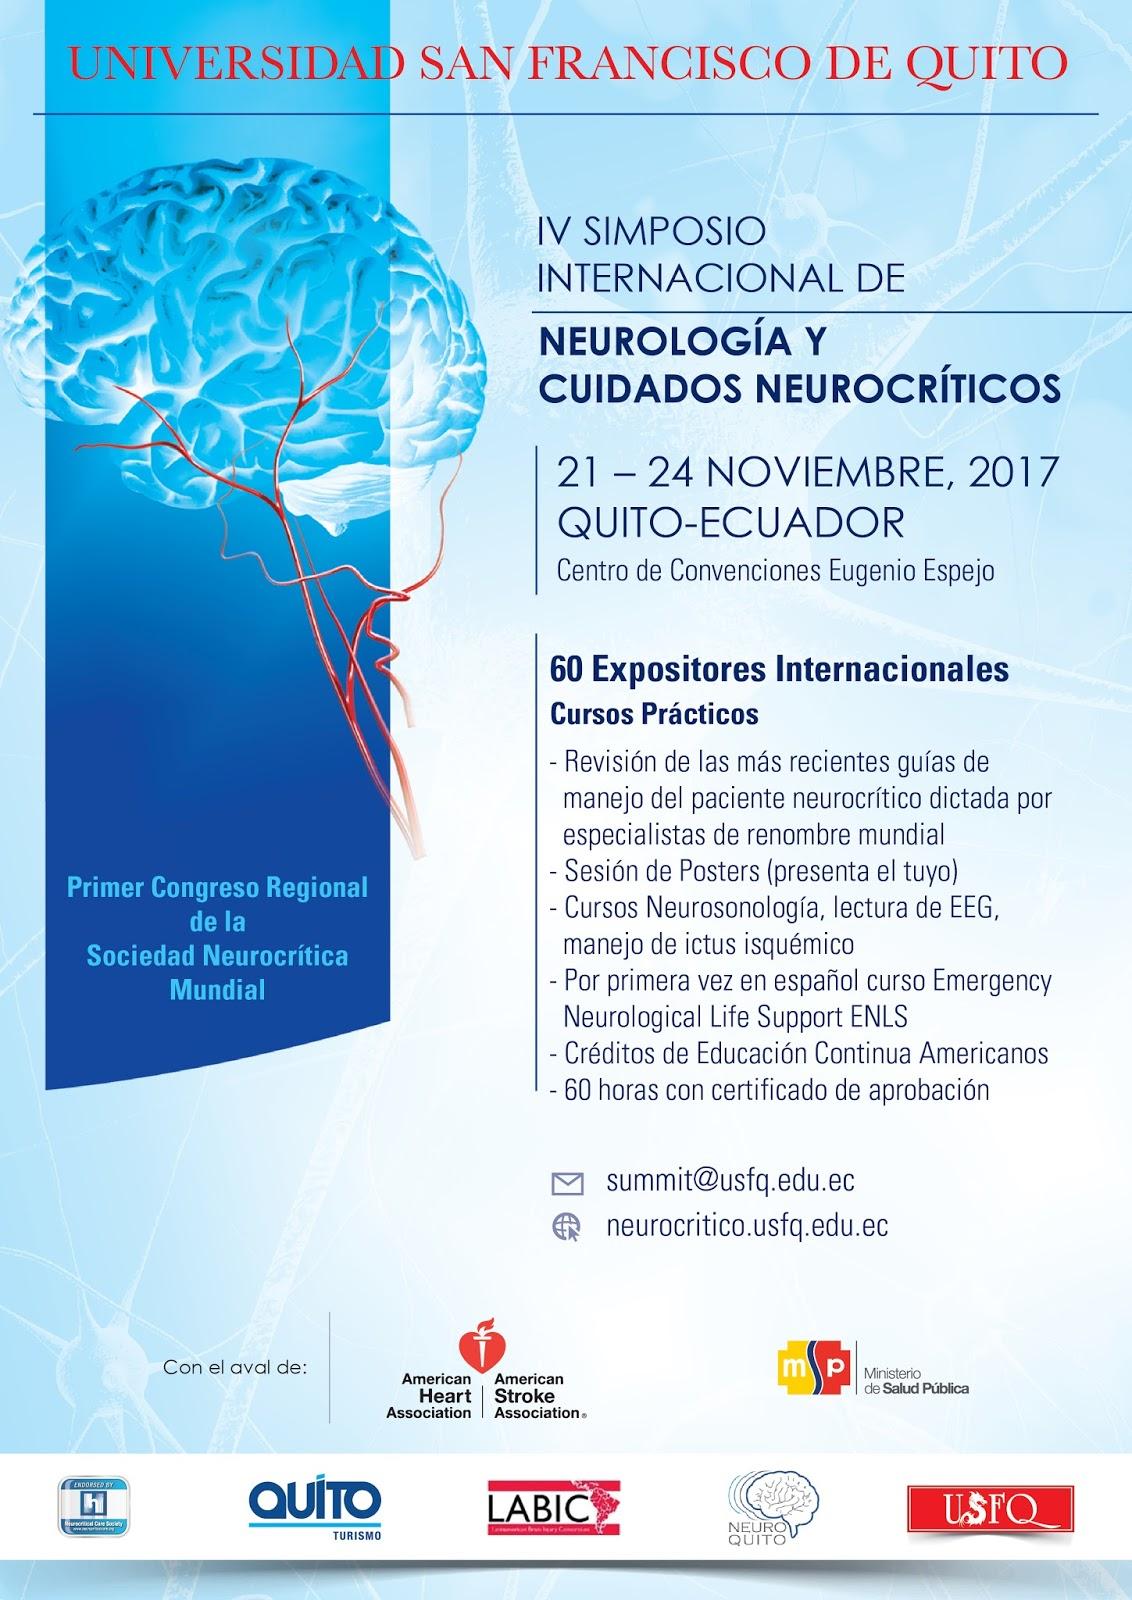 IV Simposio Internacional de Neurología y Cuidados Neurocríticos